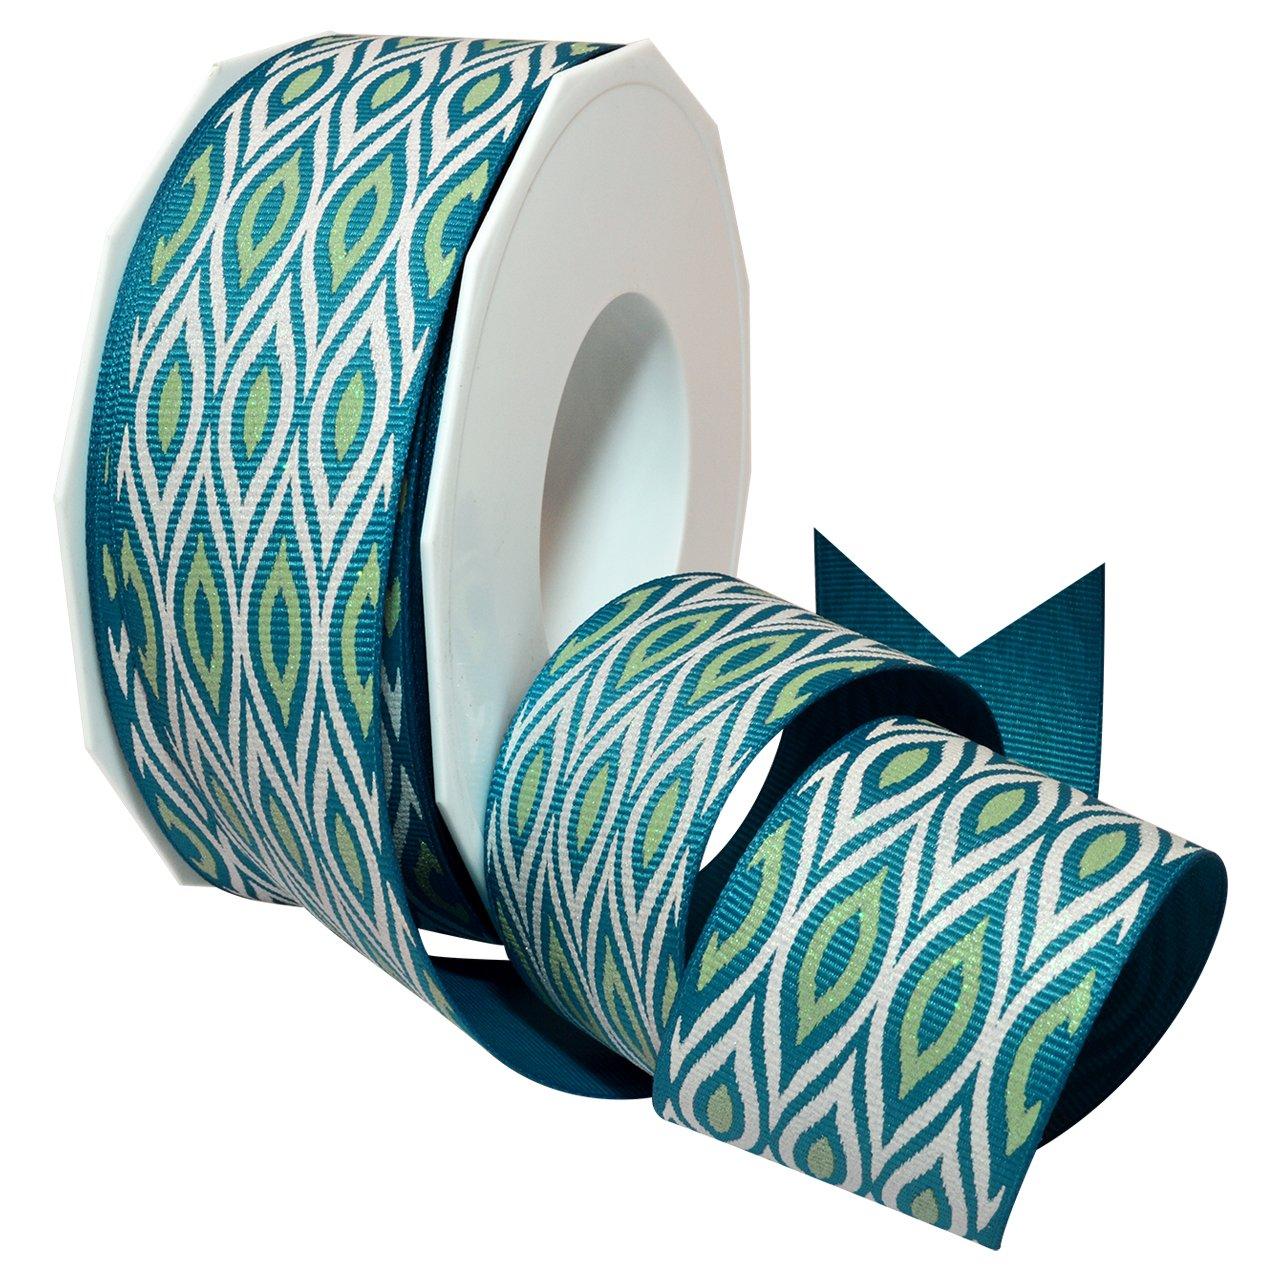 Morex Ribbon 7541.38/25-342 ポリエステル イカット スパークルリボン 1 1/2インチ x 25ヤード ティール/ライム B00X9SMV0W